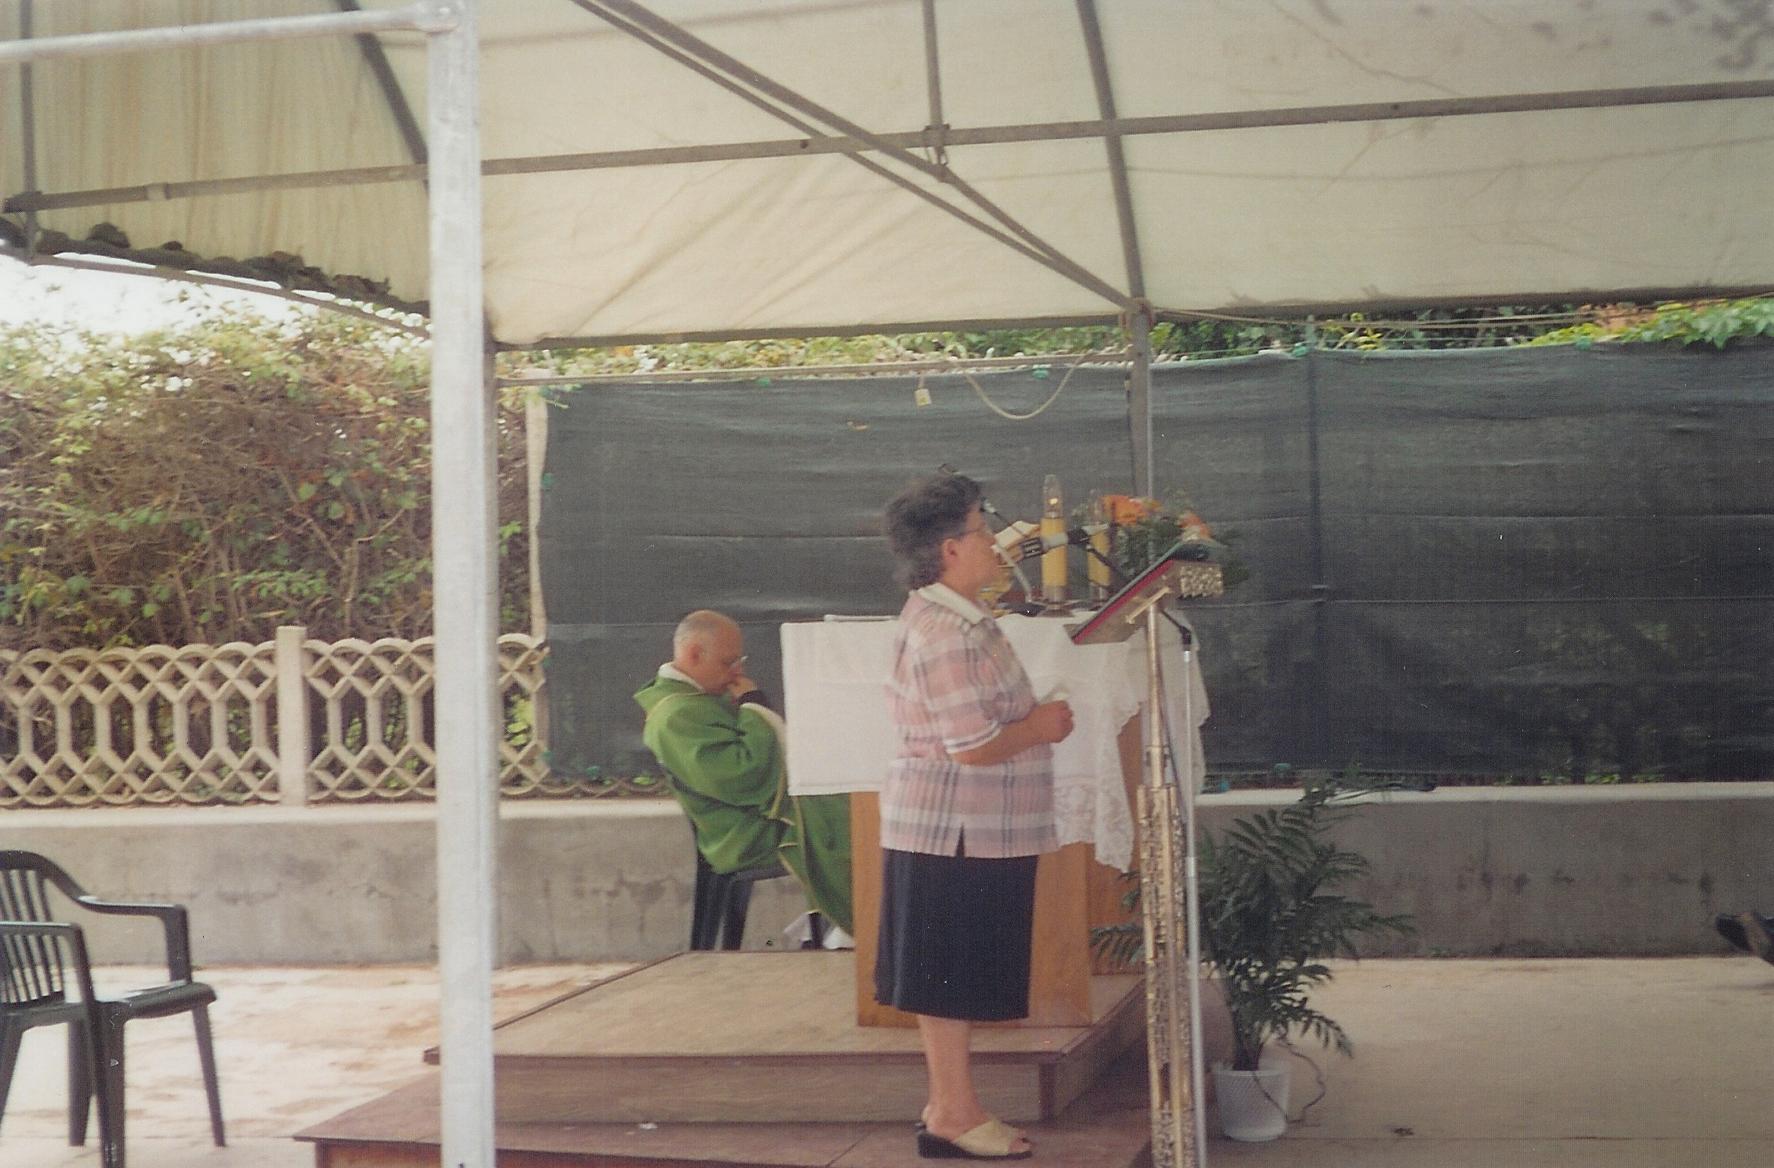 28/08/2005Toccante quanto imprevista testimonianza, alla fine della santa messa, di una madre il cui figlio è stato salvato da Nicola da un giro di droga